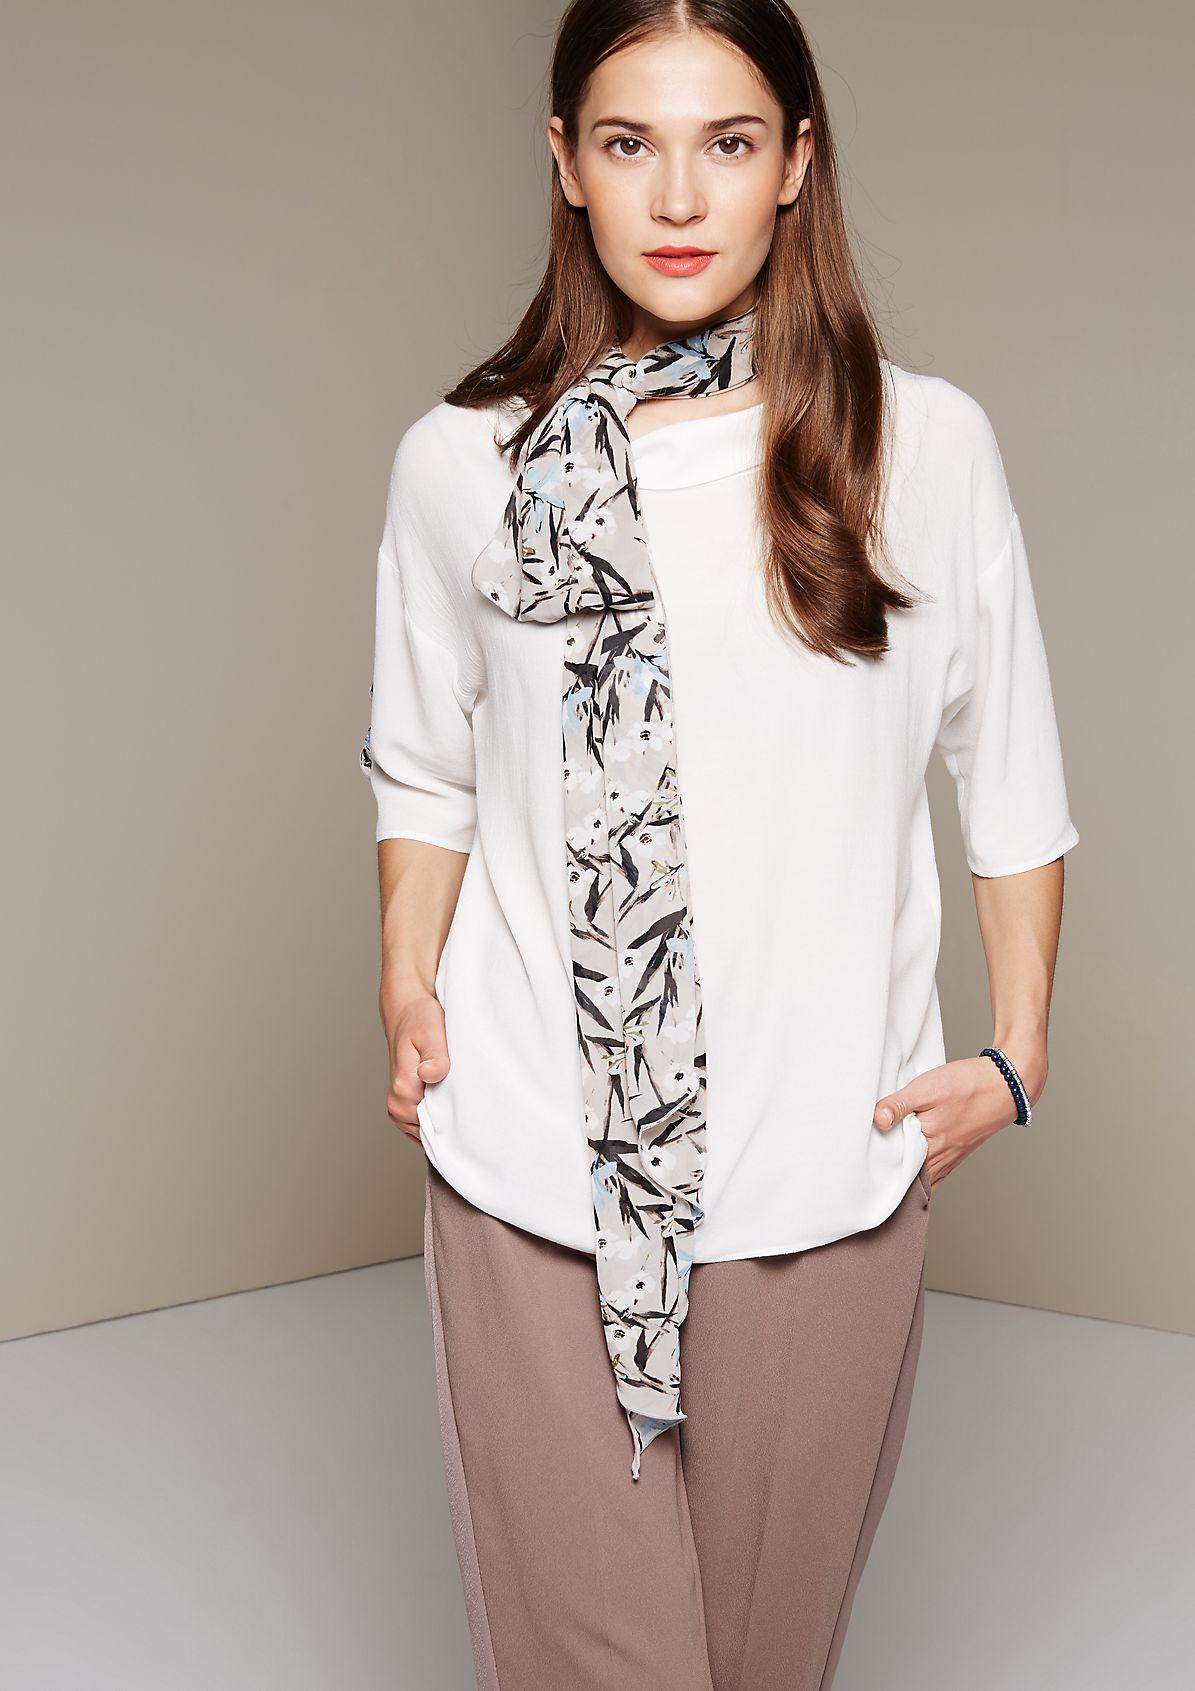 Glamouröse Kurzarmbluse mit raffiniert gestalteten Details